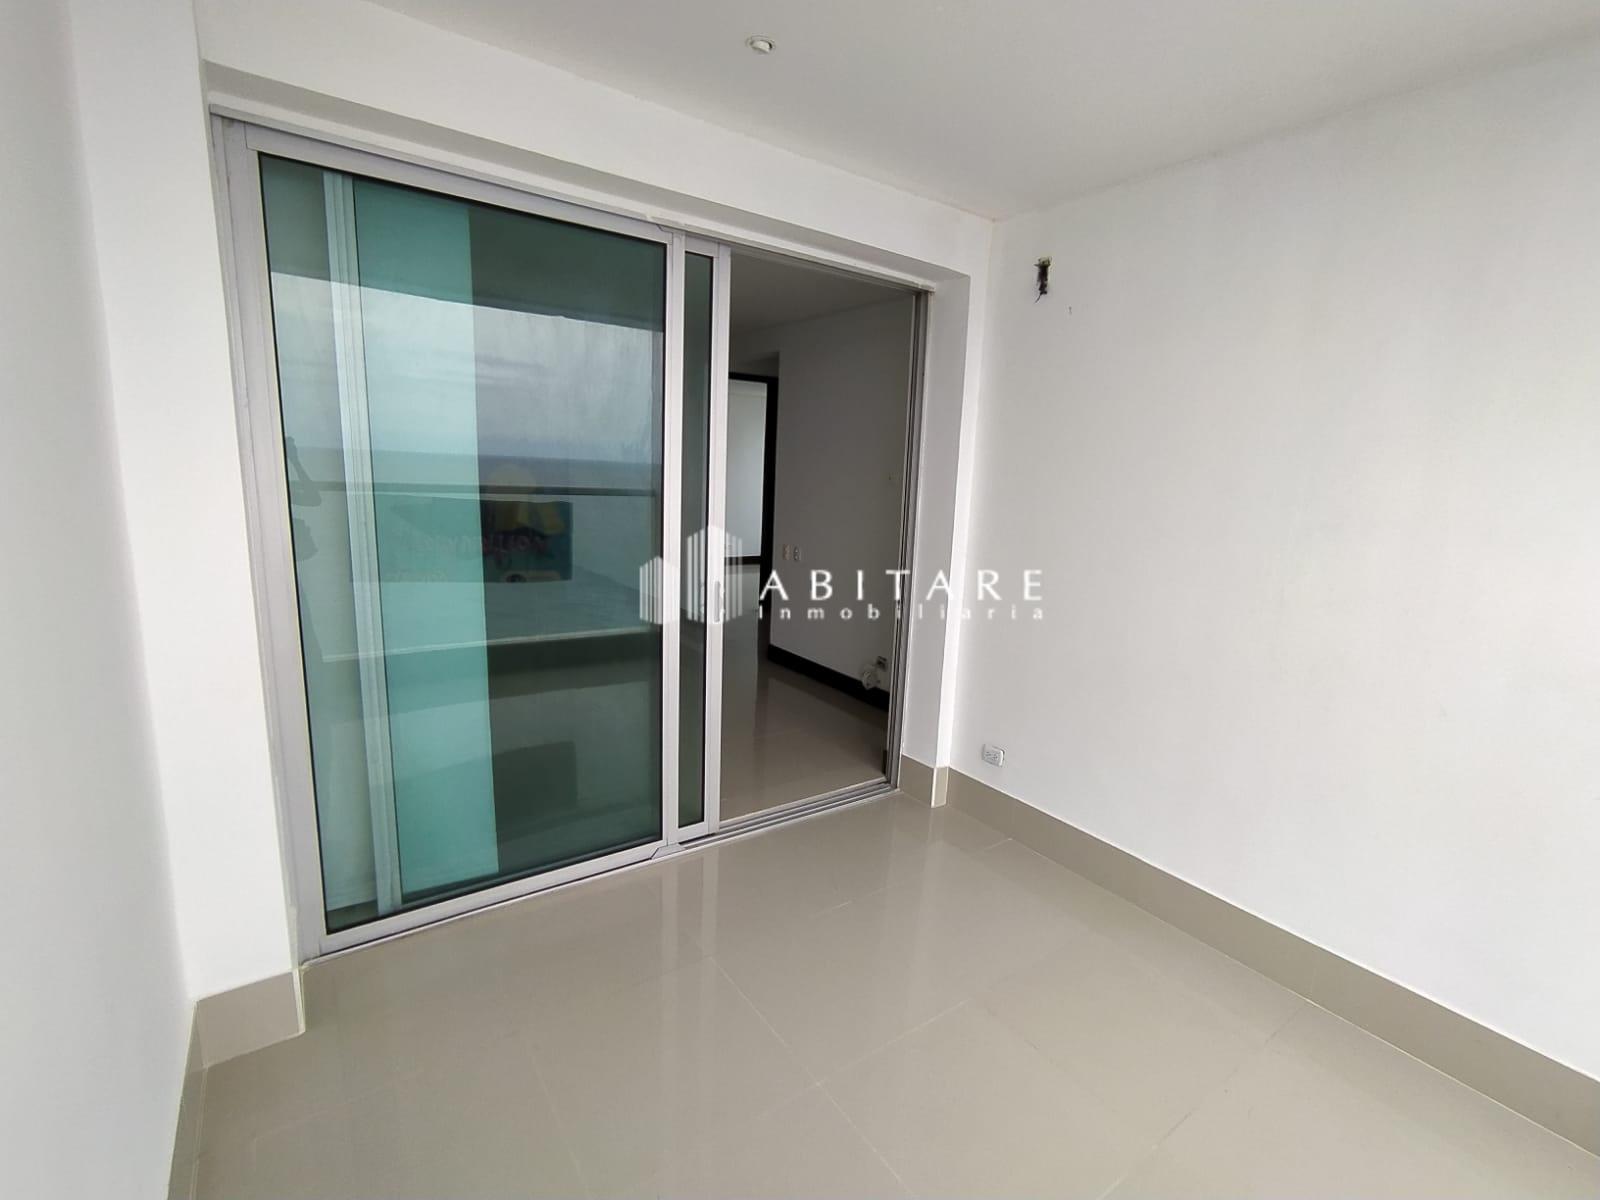 Apartamento – Código 665-1716